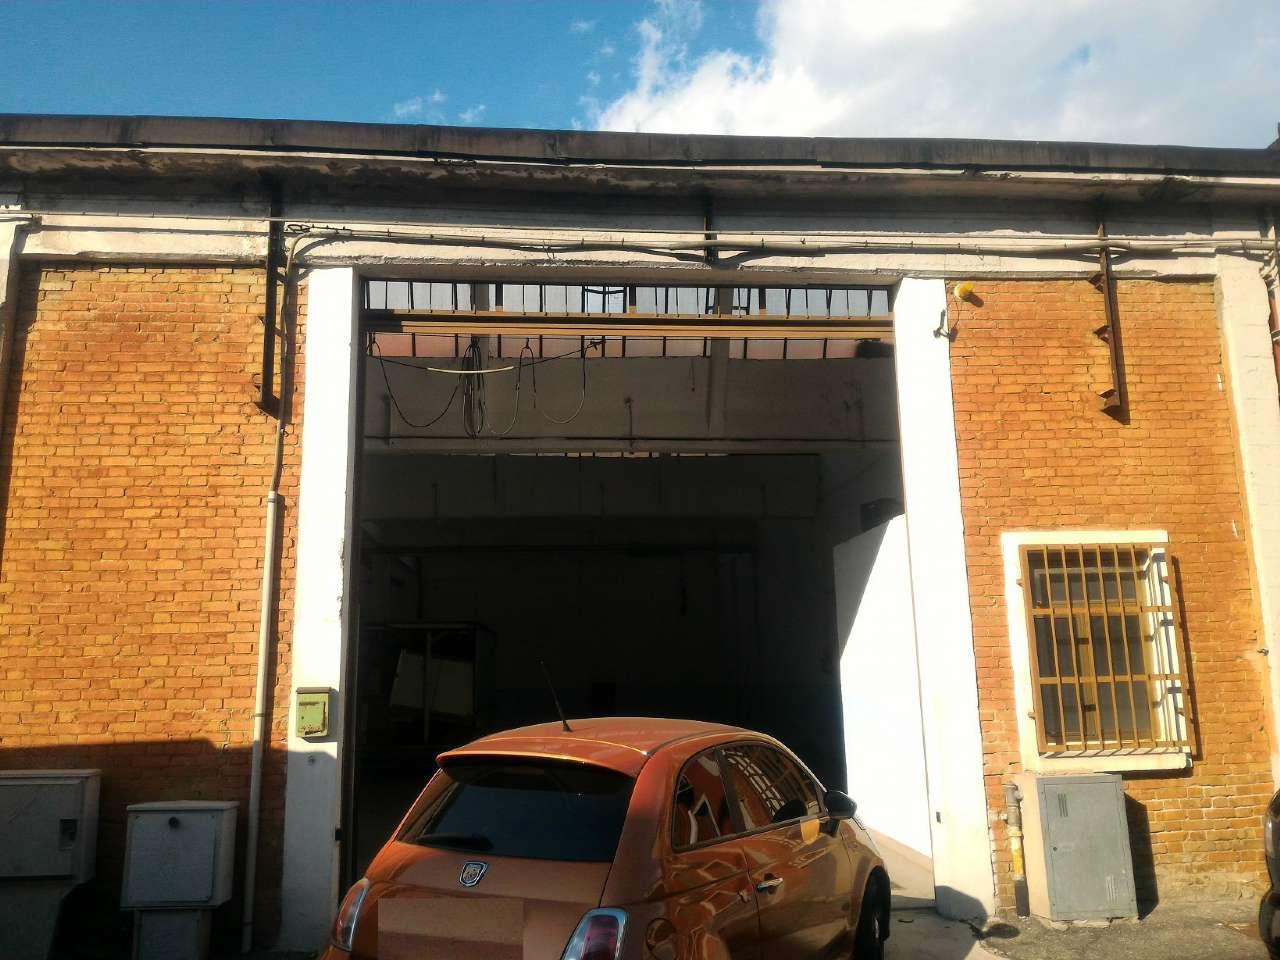 Immagine immobiliare CAPANNONE 500 MQ VENARIA disponiamo in Venaria comodo alla tangenziale capannone industriale di 500 mq circa, area produttiva 450 mq circa, altezza sottotrave 6 mt, un ingresso carraio motorizzato con altezza 4 mt, ufficio di 50 mq circa...